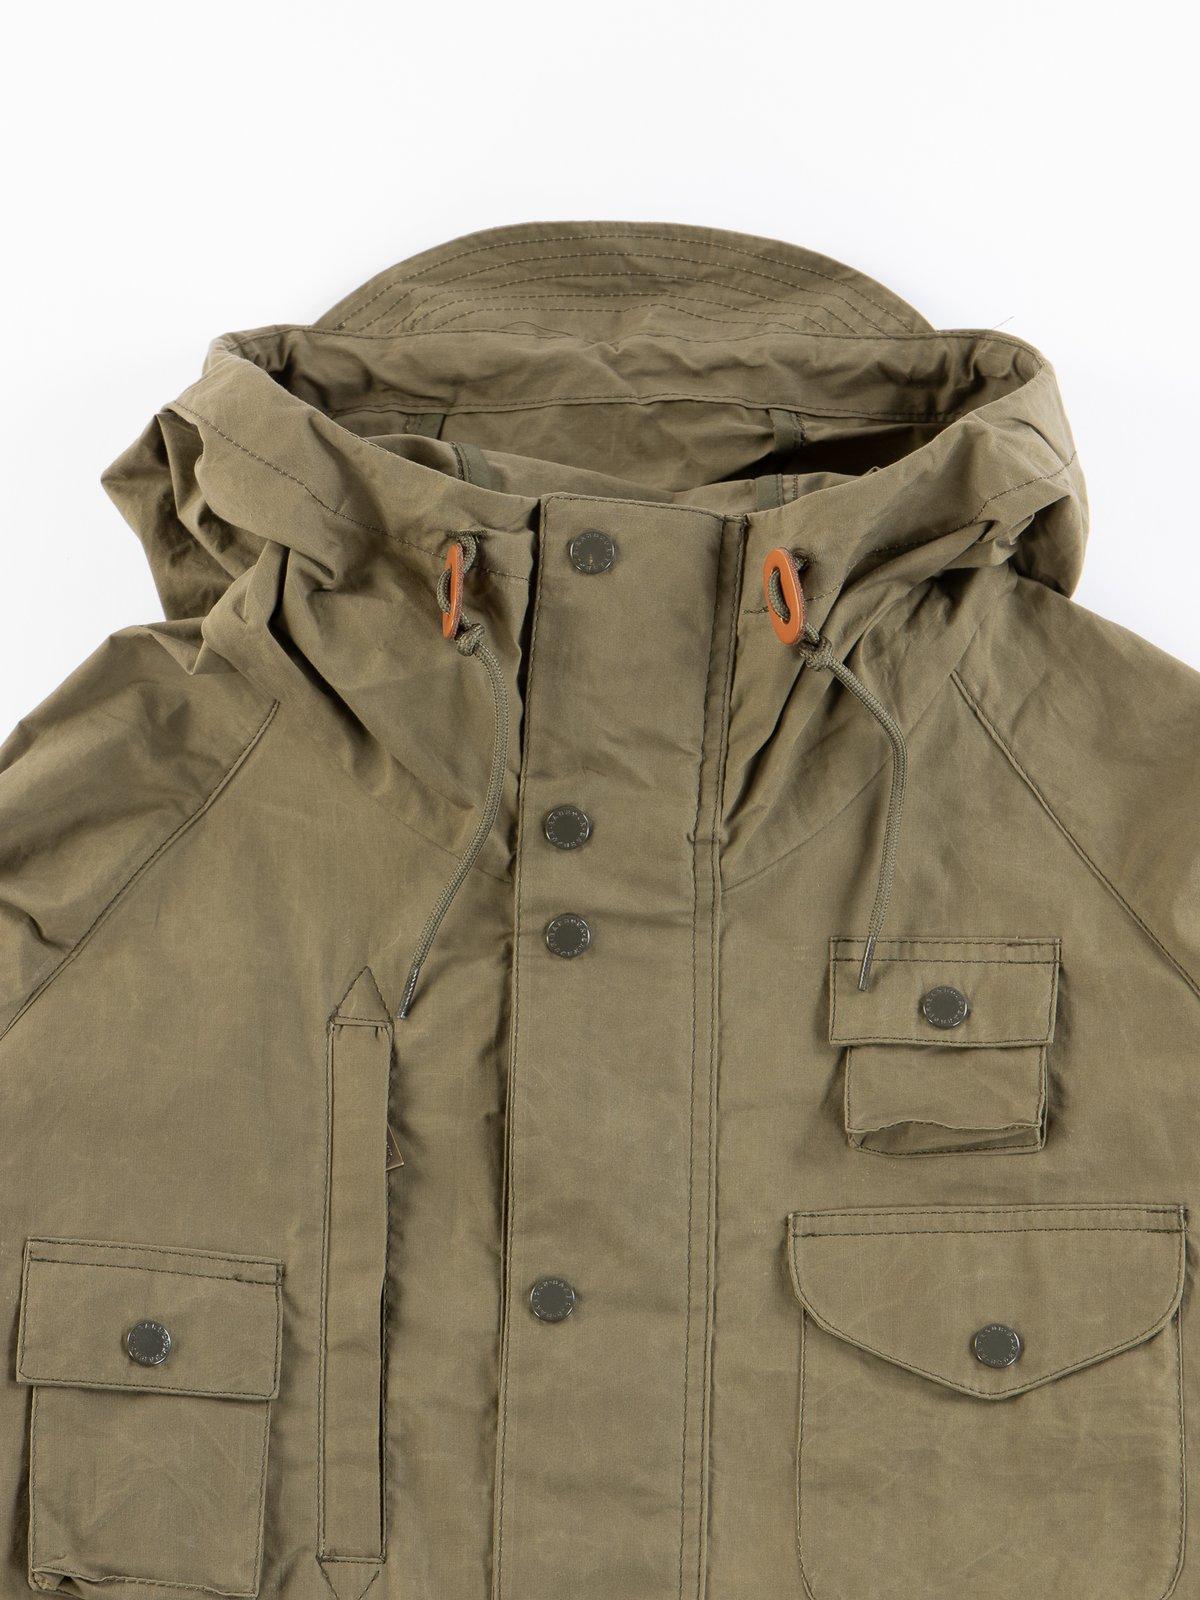 Olive Thompson Jacket - Image 3